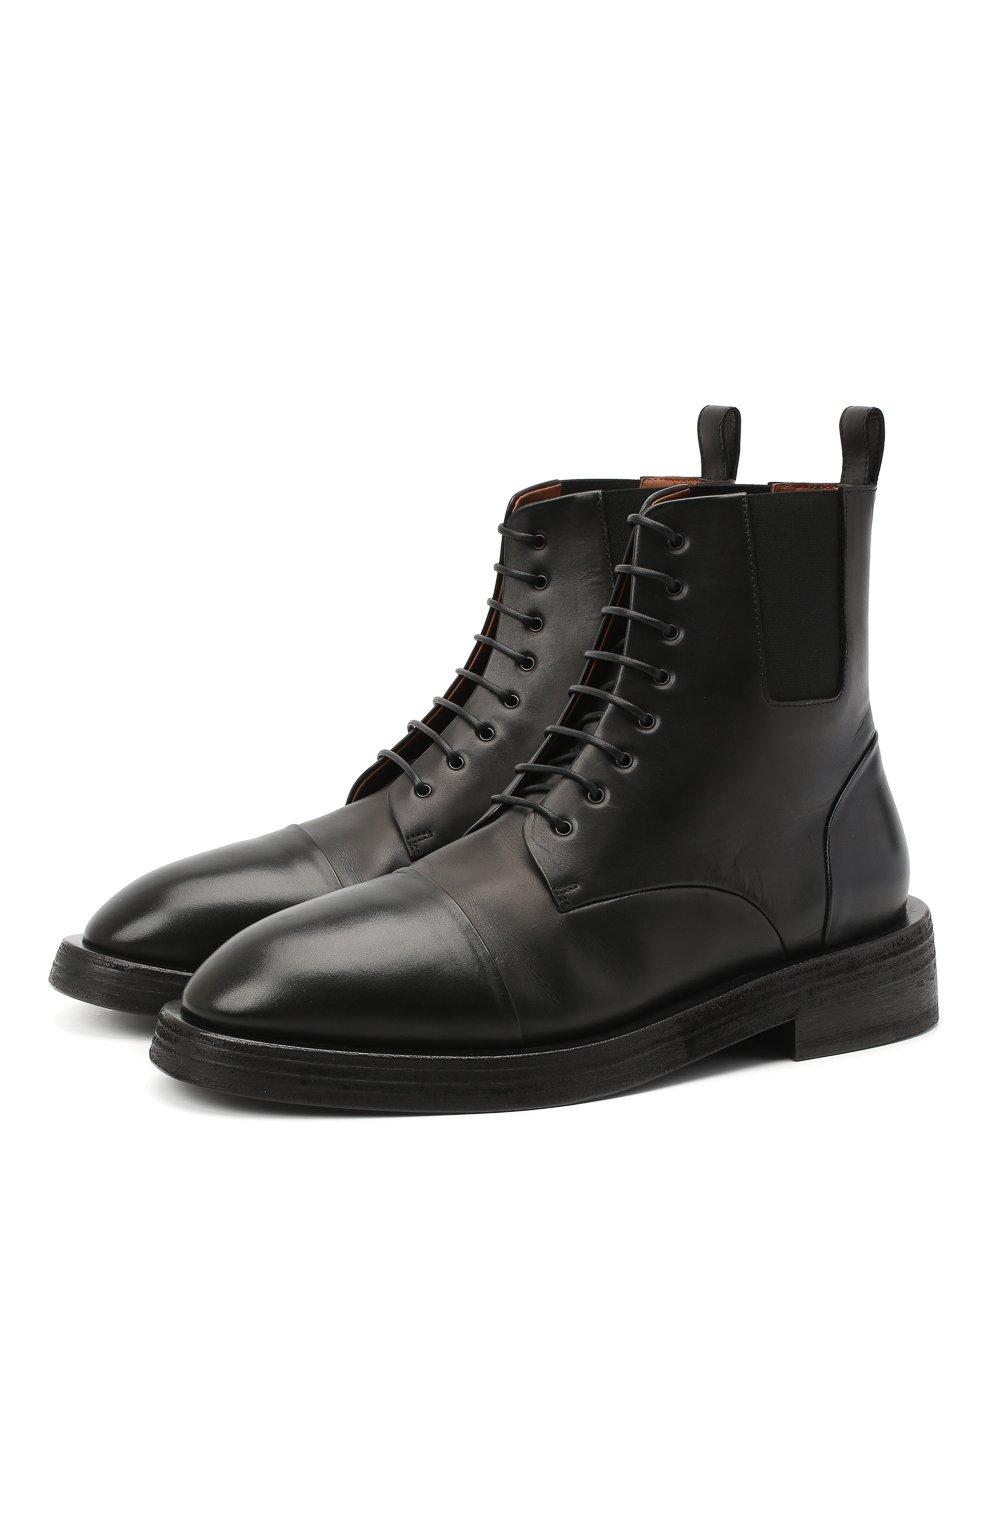 Мужские кожаные ботинки MARSELL черного цвета, арт. MM4070/PELLE VITELL0 | Фото 1 (Мужское Кросс-КТ: Ботинки-обувь; Материал внутренний: Натуральная кожа; Подошва: Плоская)